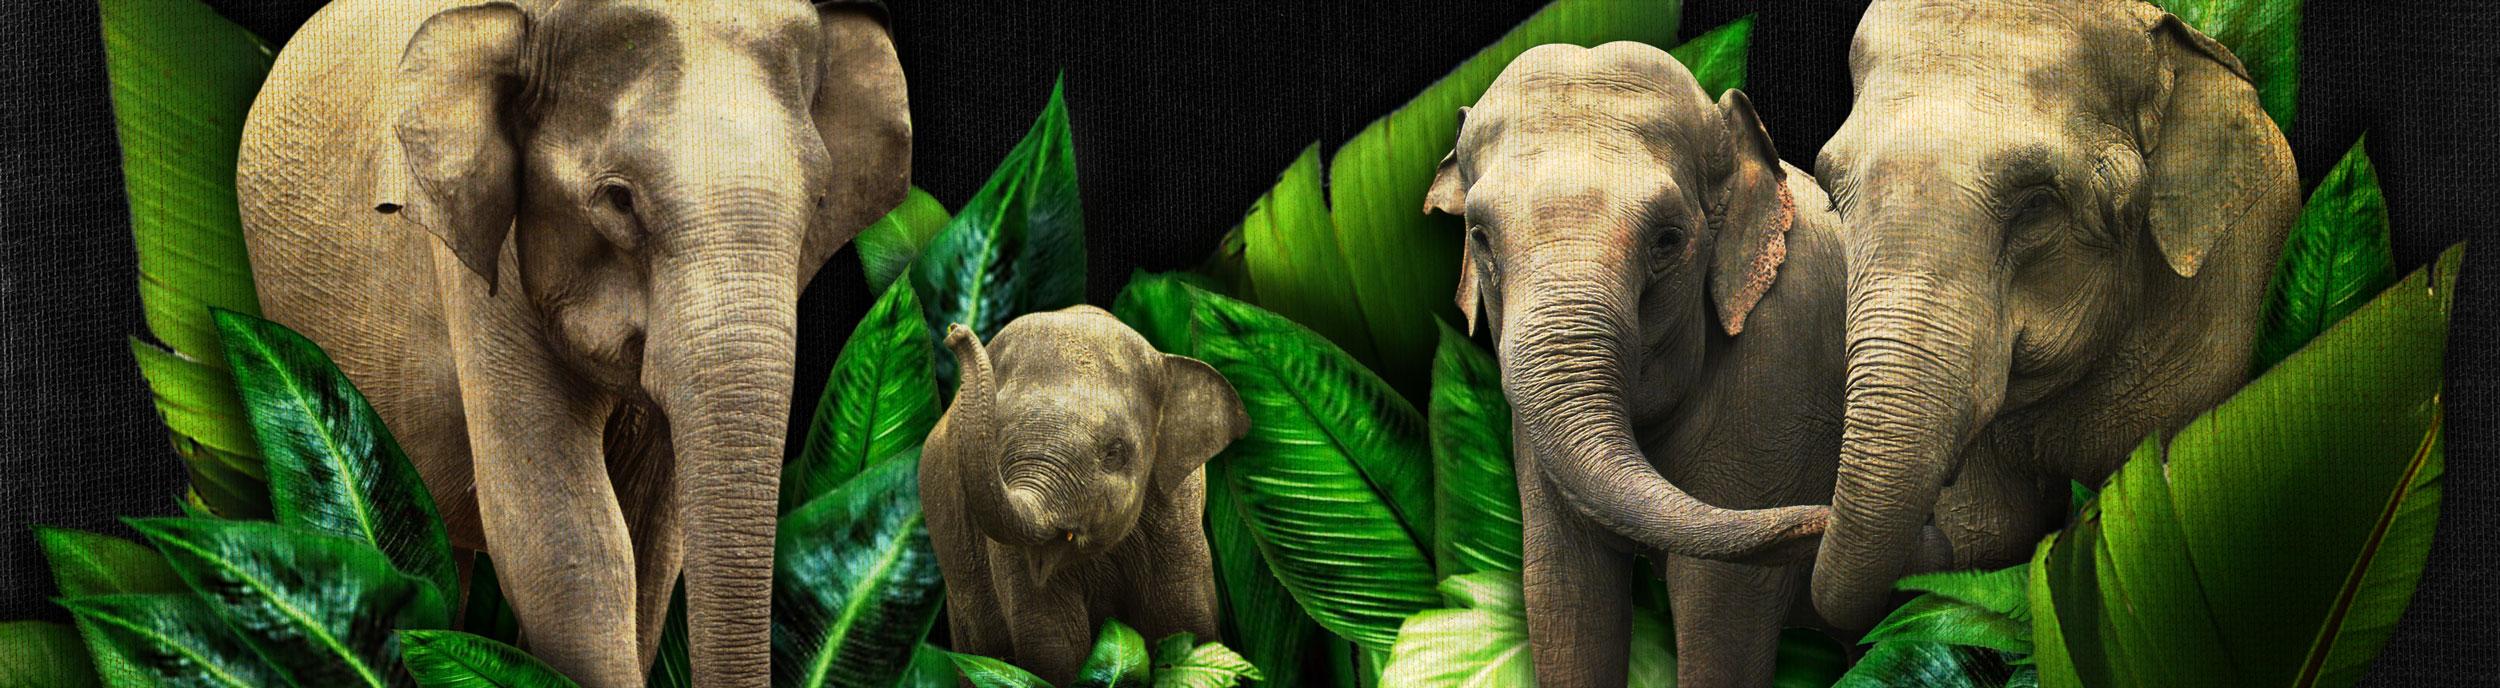 ElephantSlideXXL